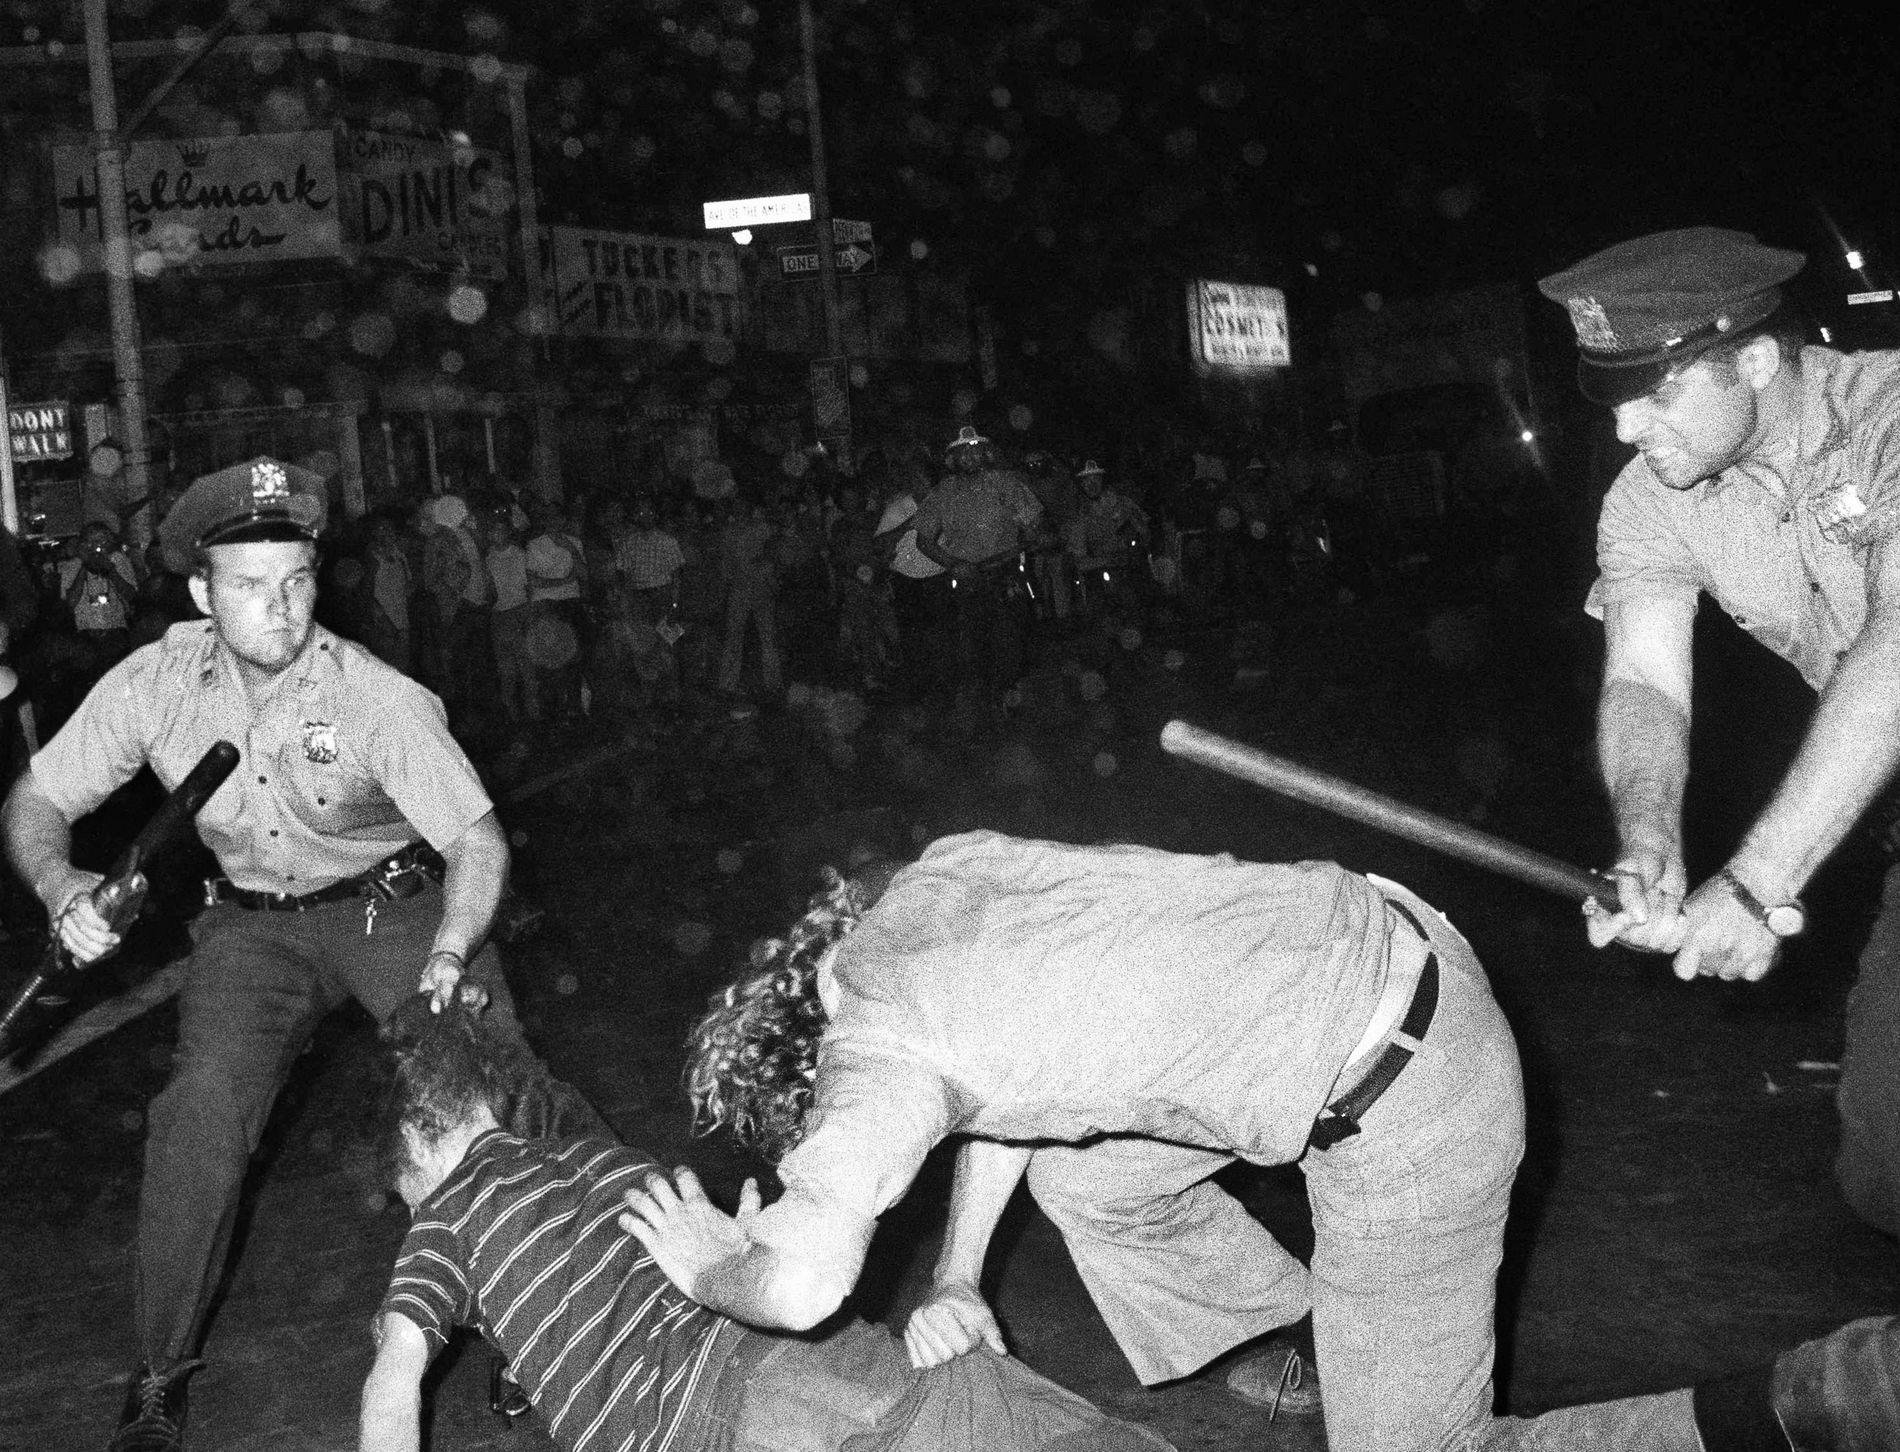 POLITIVOLD: Politivold mot LHBTI-miljøet i New York på 70-tallet ble starten på en internasjonal bevegelse. Her blir to unge personer dratt i håret og slått av politiet under en «Gay power»-parade i New York 31. august 1970 – et år etter Stonewall.